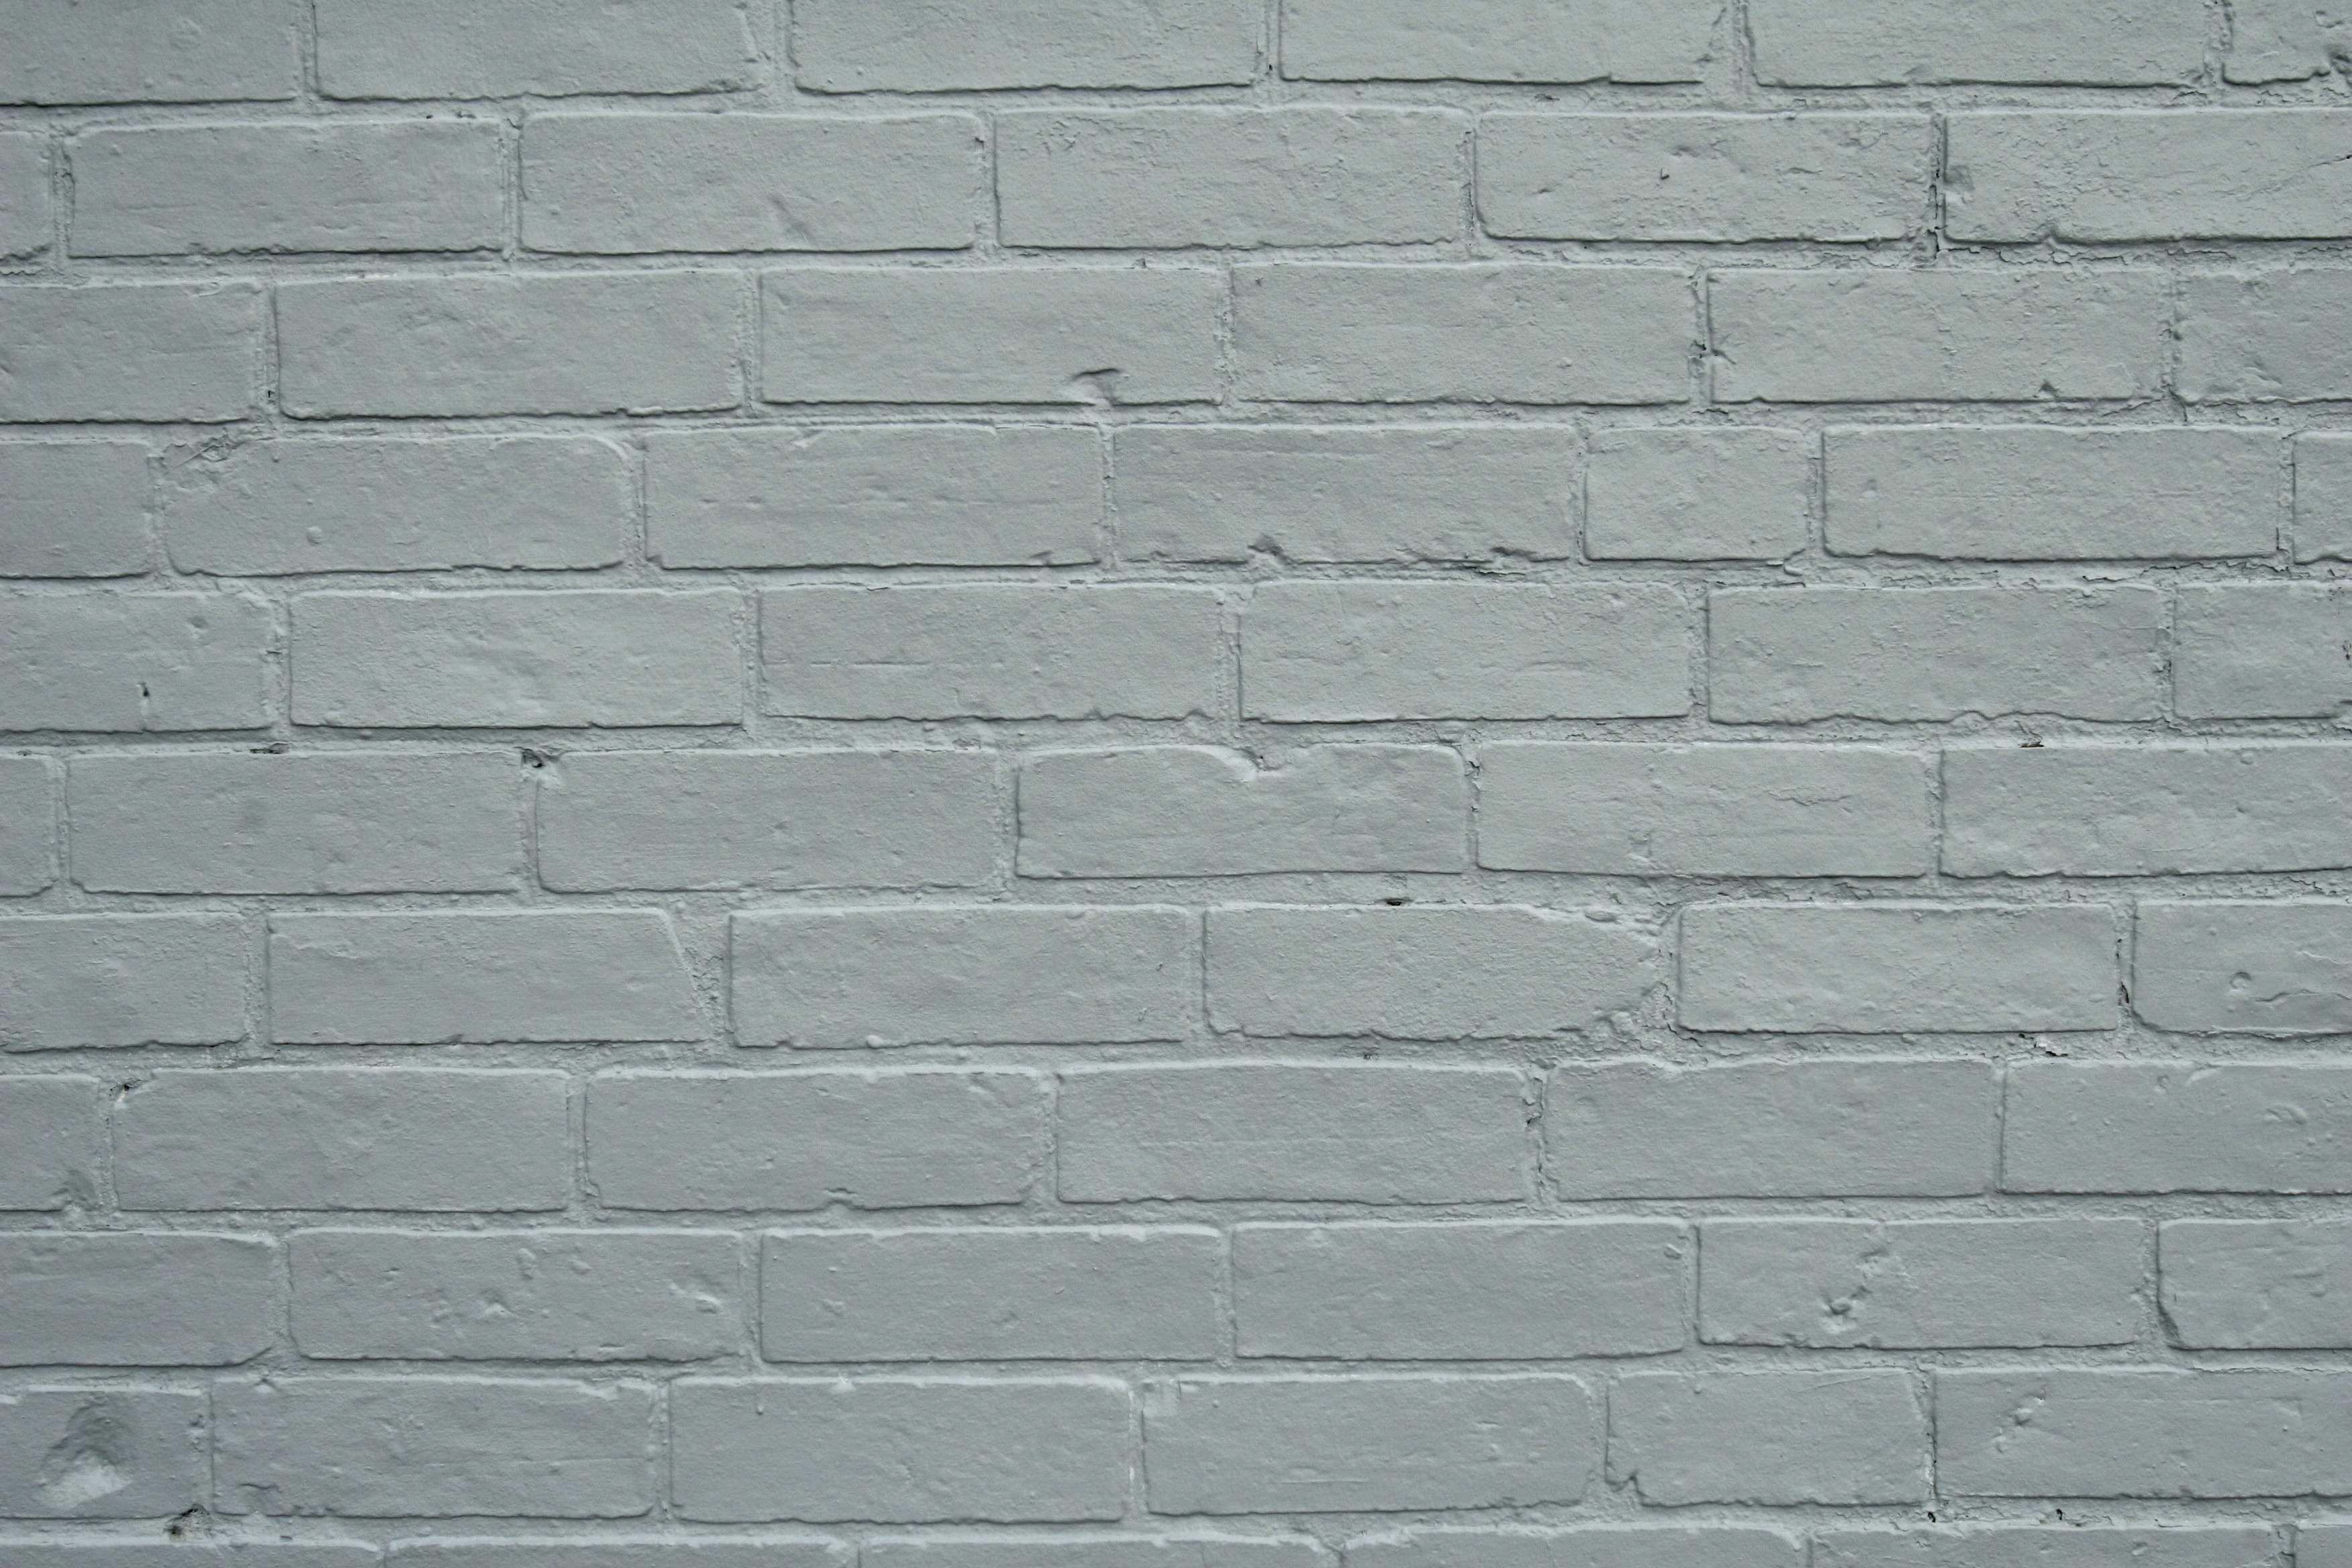 zwarte stenen muur achtergrond - photo #29